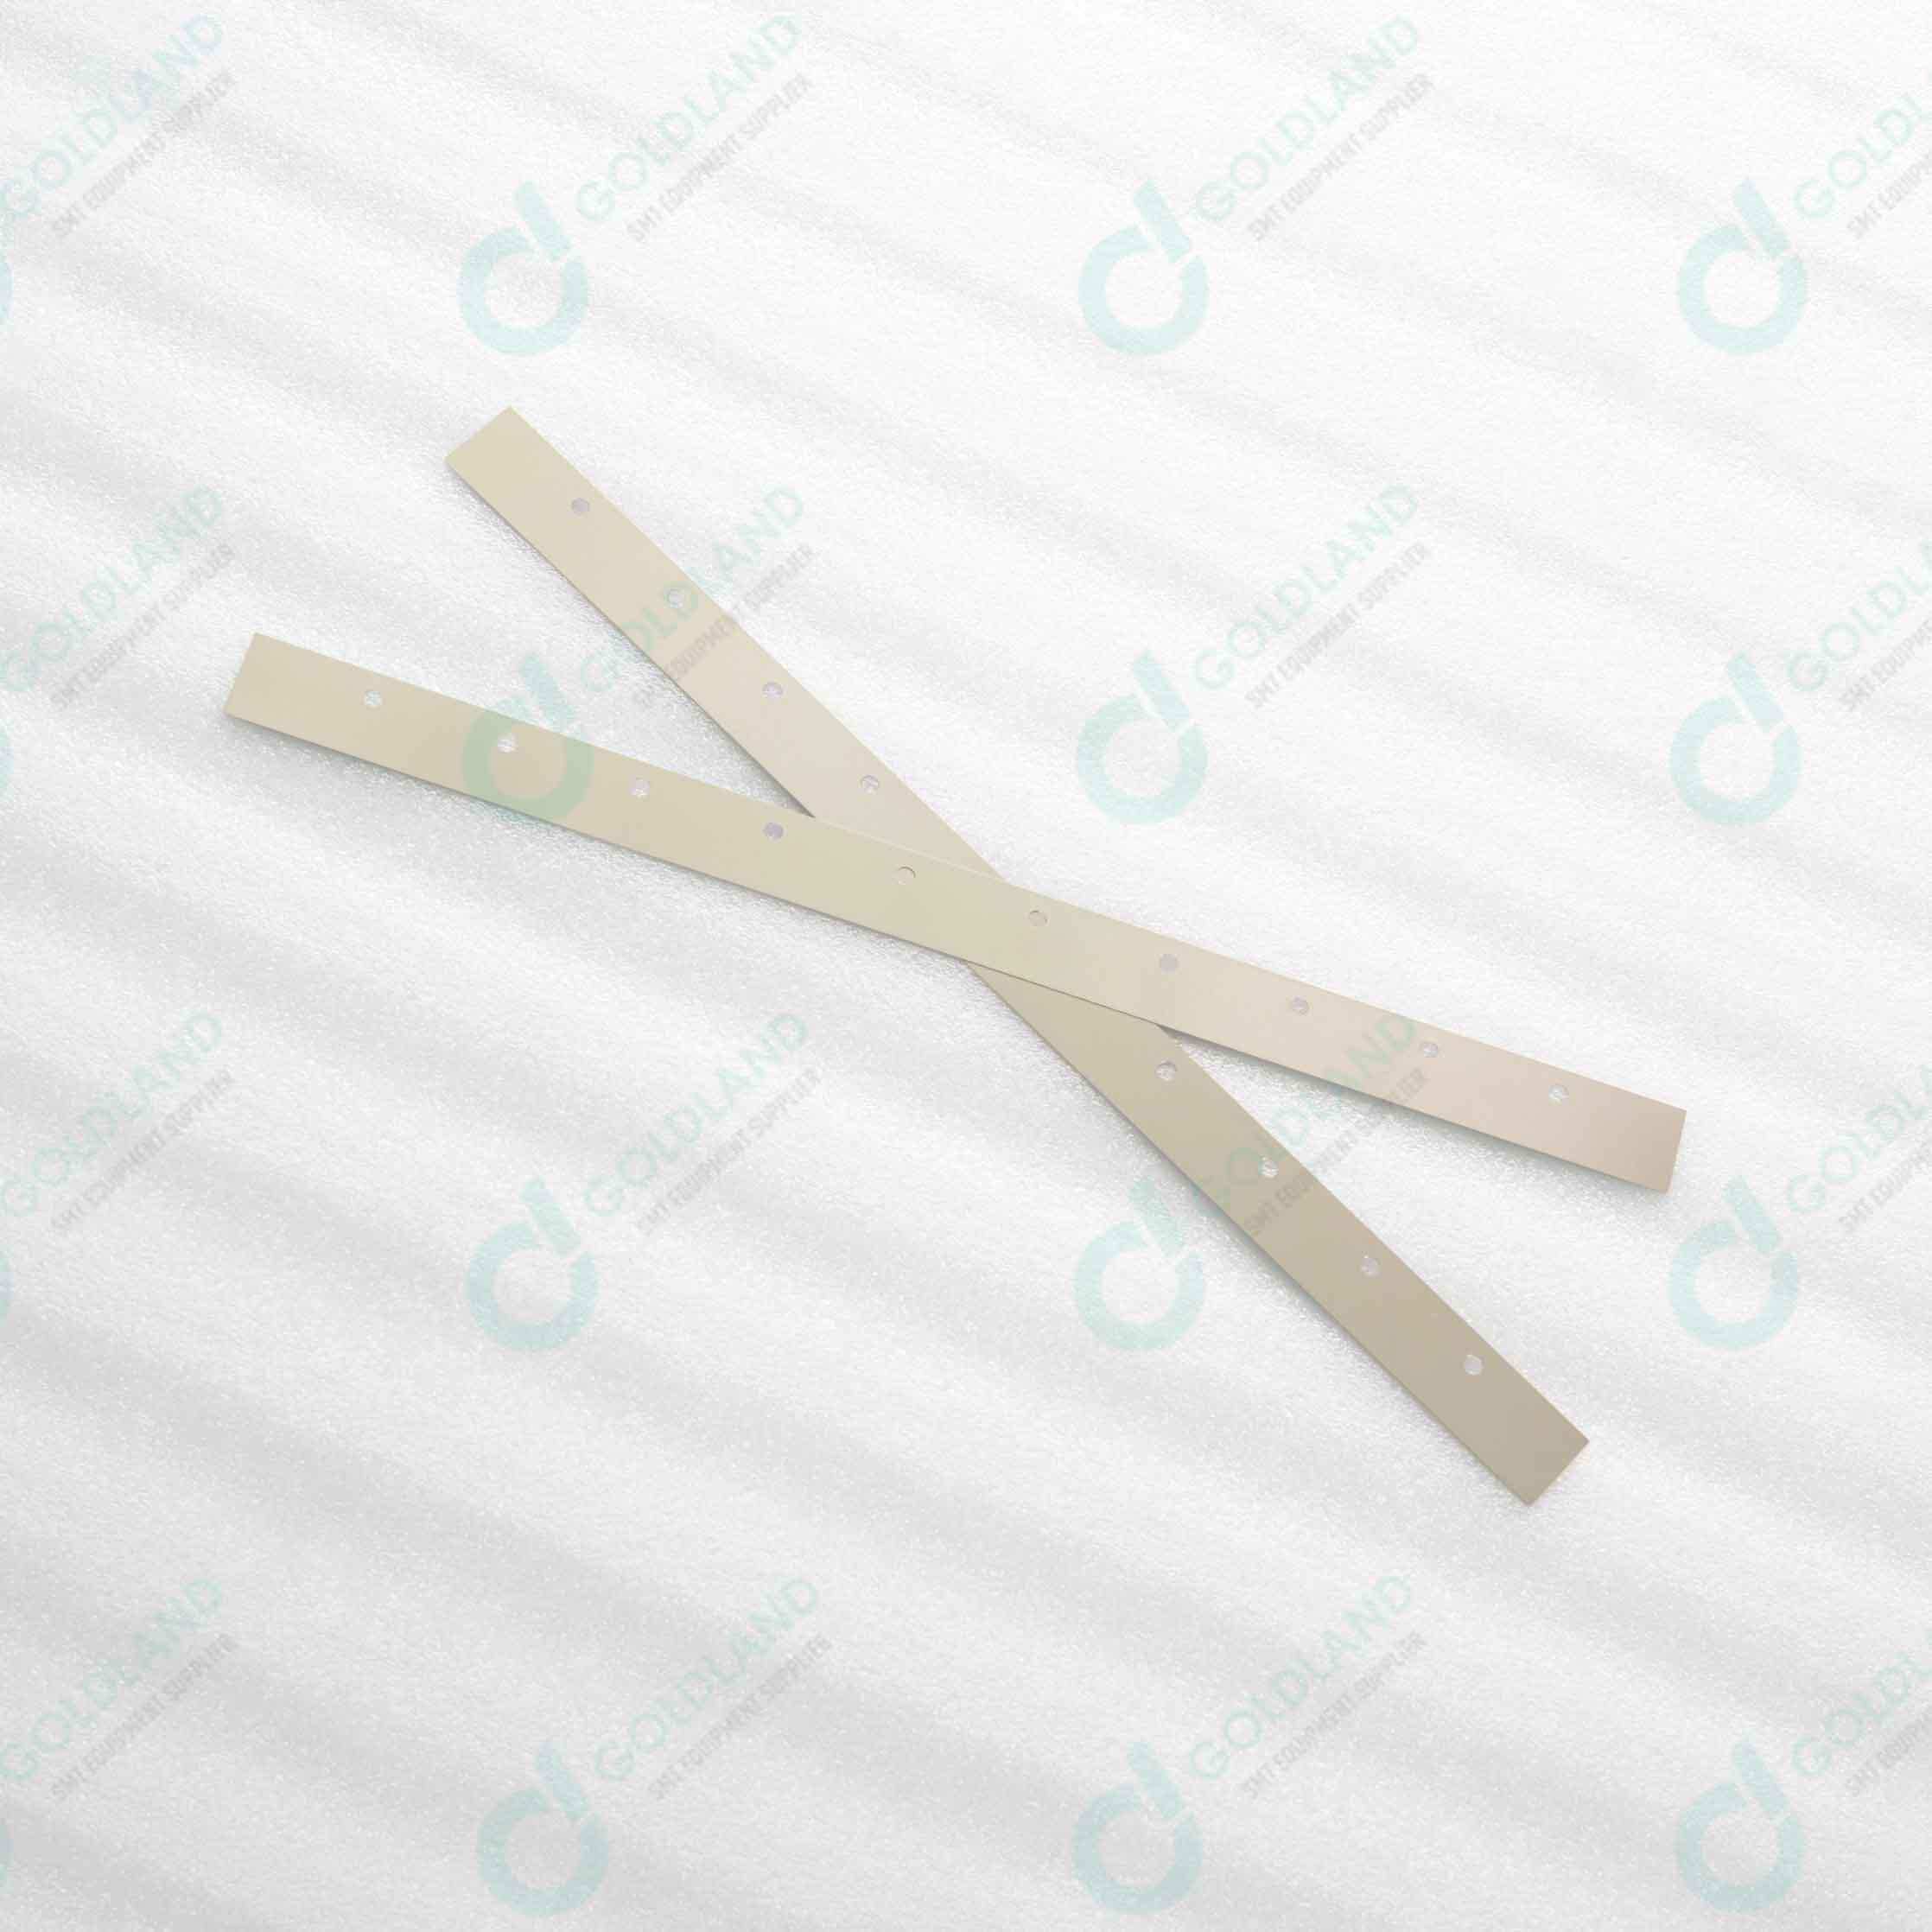 DEK ASM Squeegee Blade 480mm 45 deg for DEK Printers Spare parts